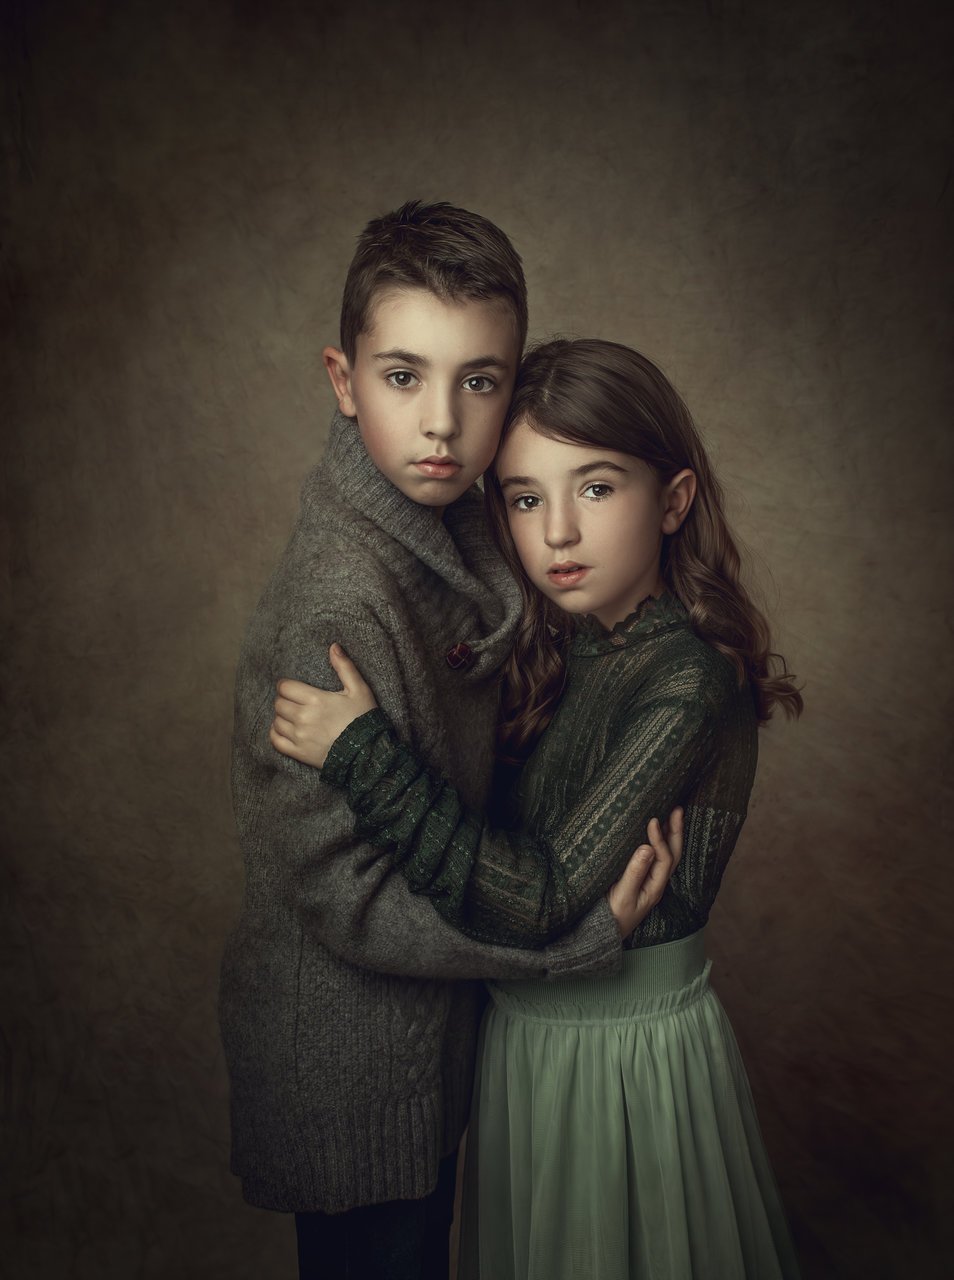 Брат и сестра   Author Rusiana Tosheva - RusianaTosheva   PHOTO FORUM